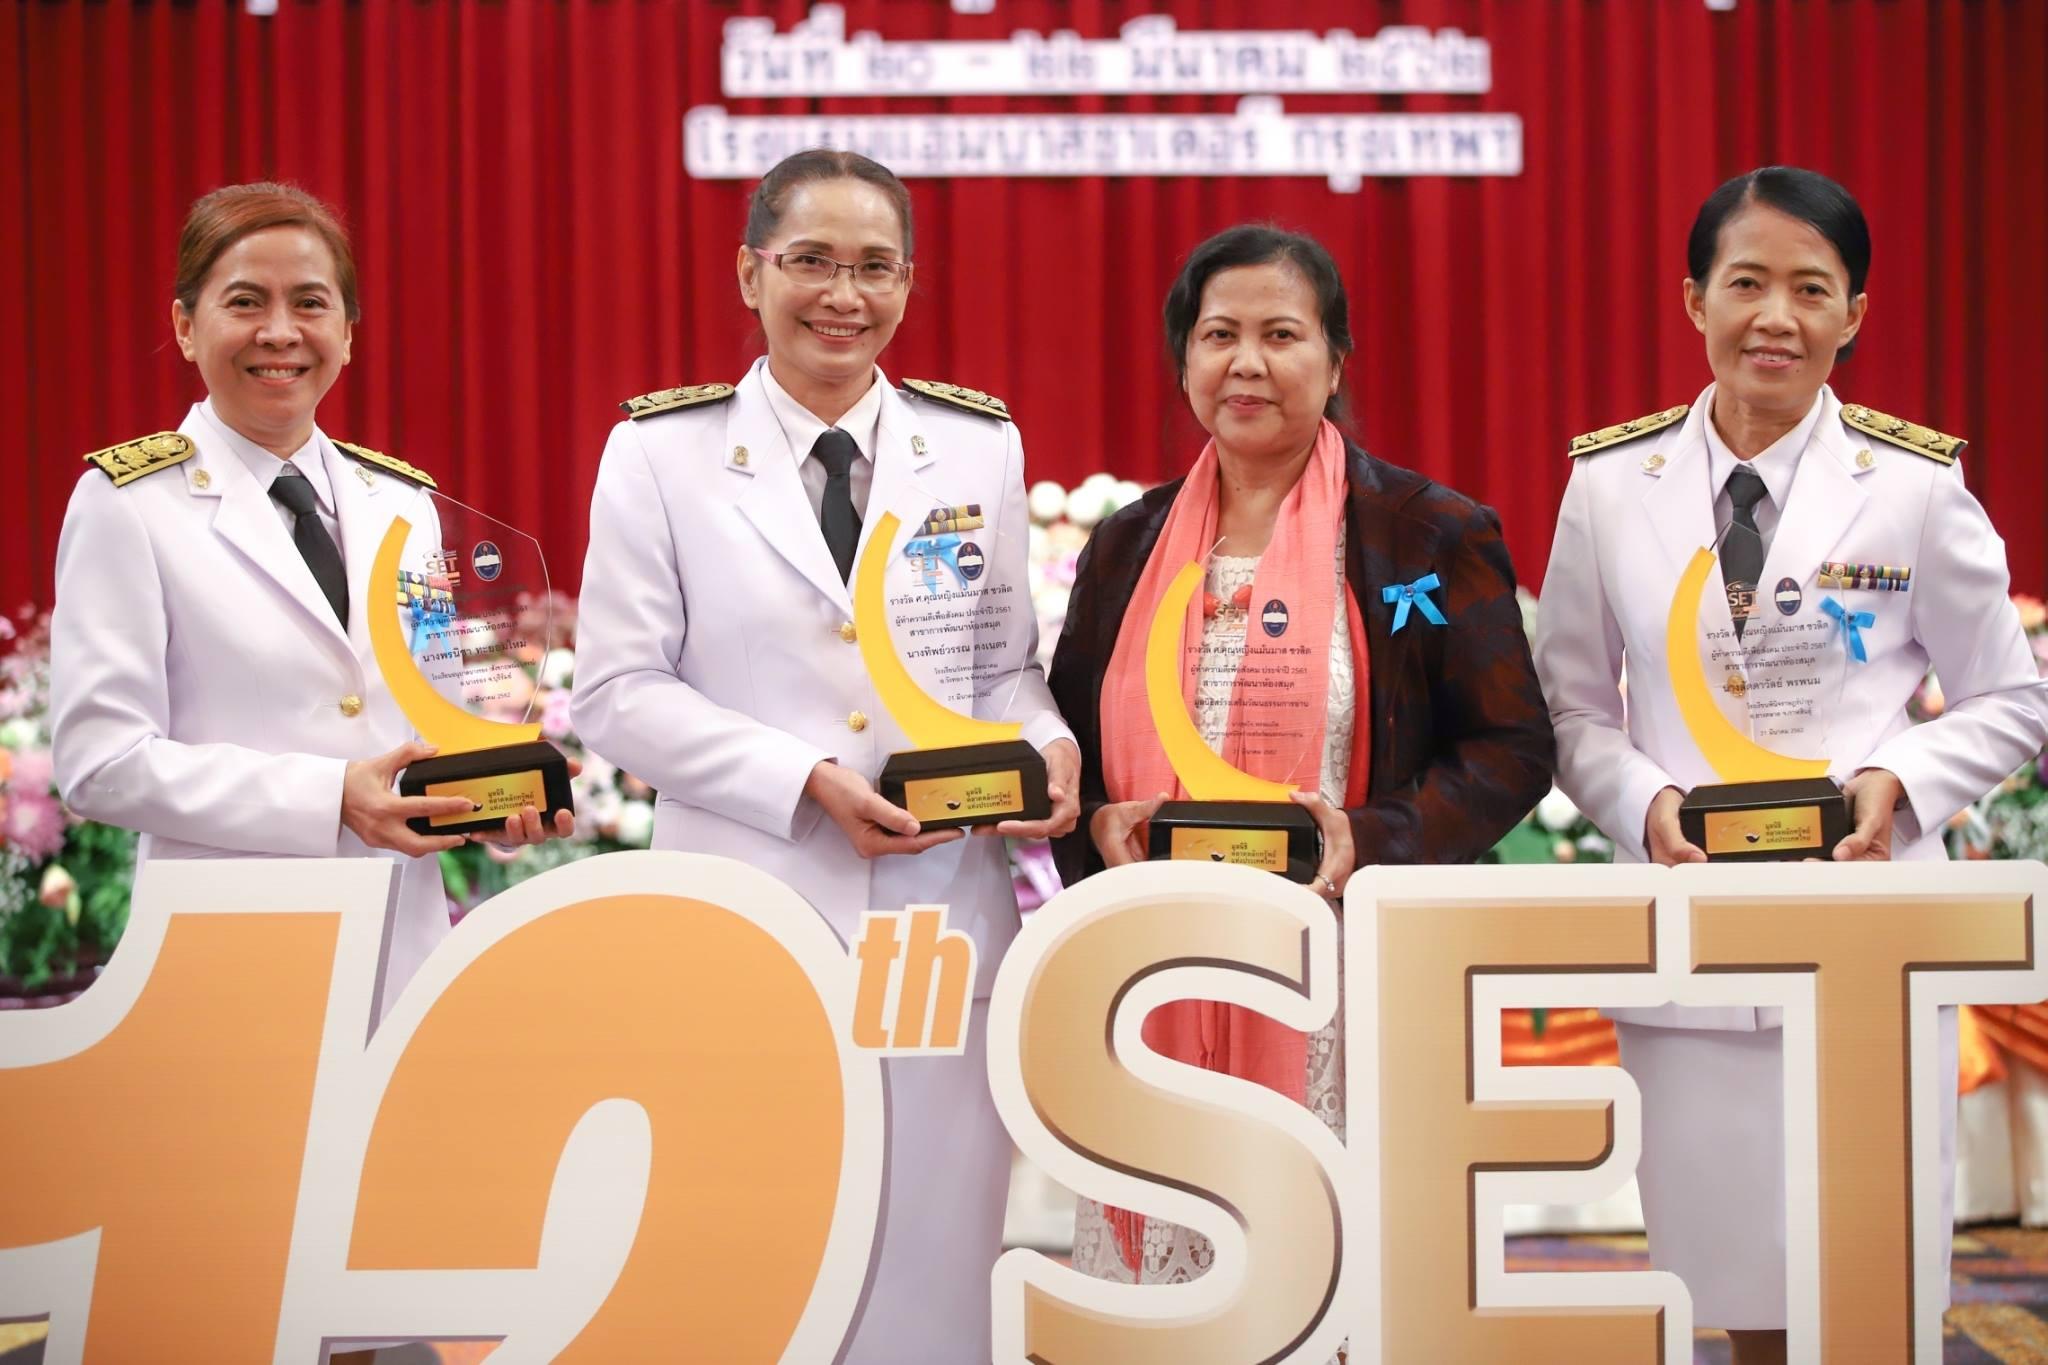 มูลนิธิสร้างเสริมวัฒนธรรมการอ่าน รับรางวัลผู้ทำความดีเพื่อสังคม thaihealth